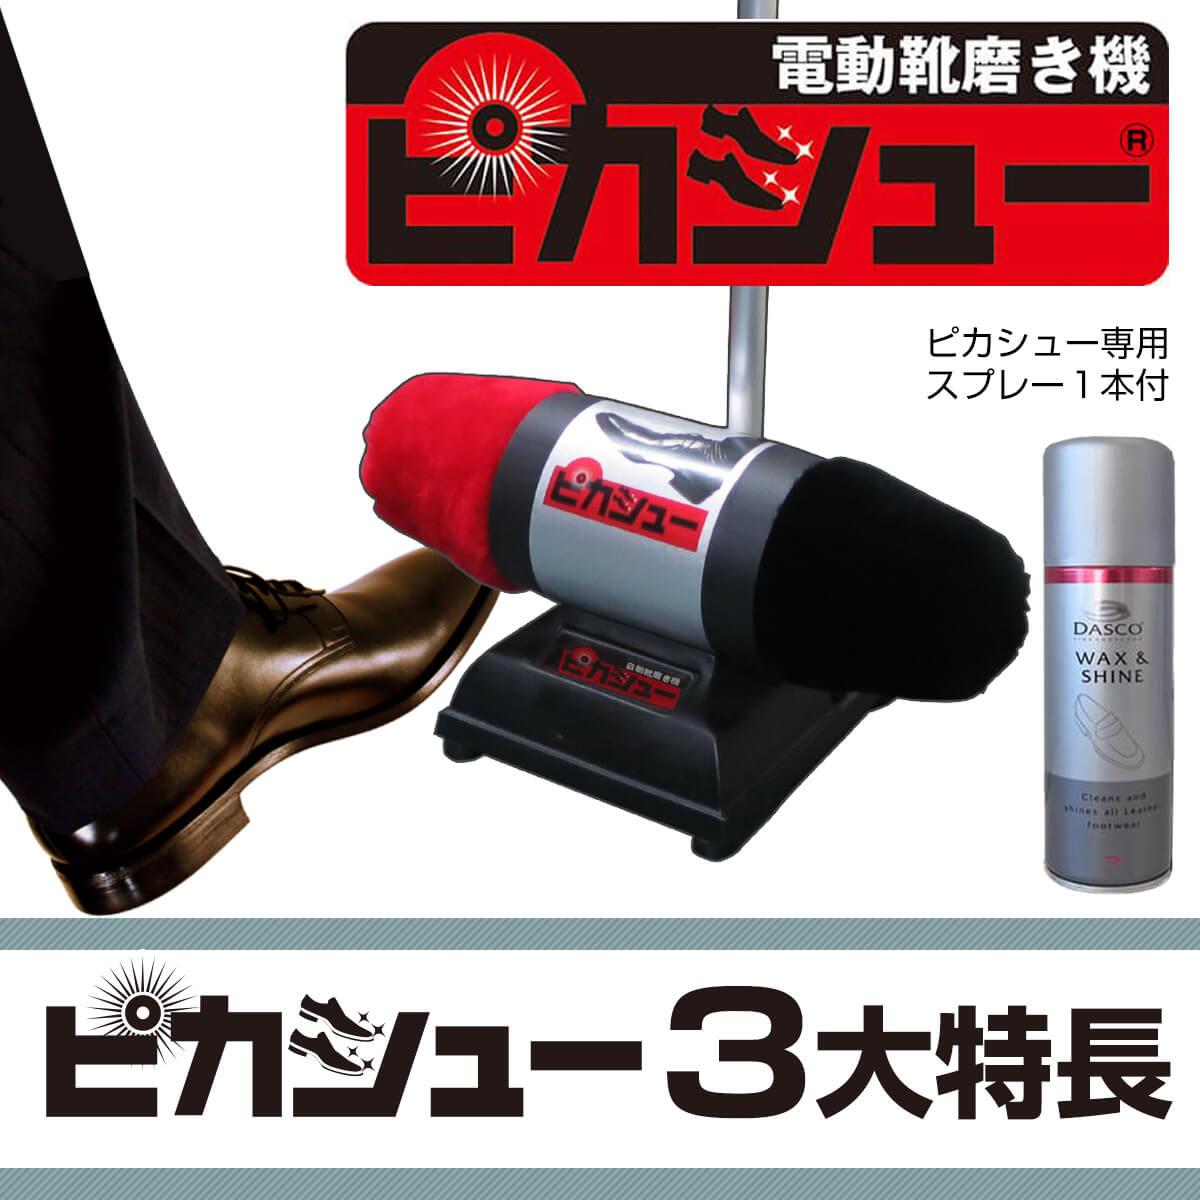 靴みがき 電動靴磨き機 ピカシュー 専用スプレー1本セット 自動靴磨き 父の日 退職祝い 自動 来客 まちかど情報室 ぴかしゅー